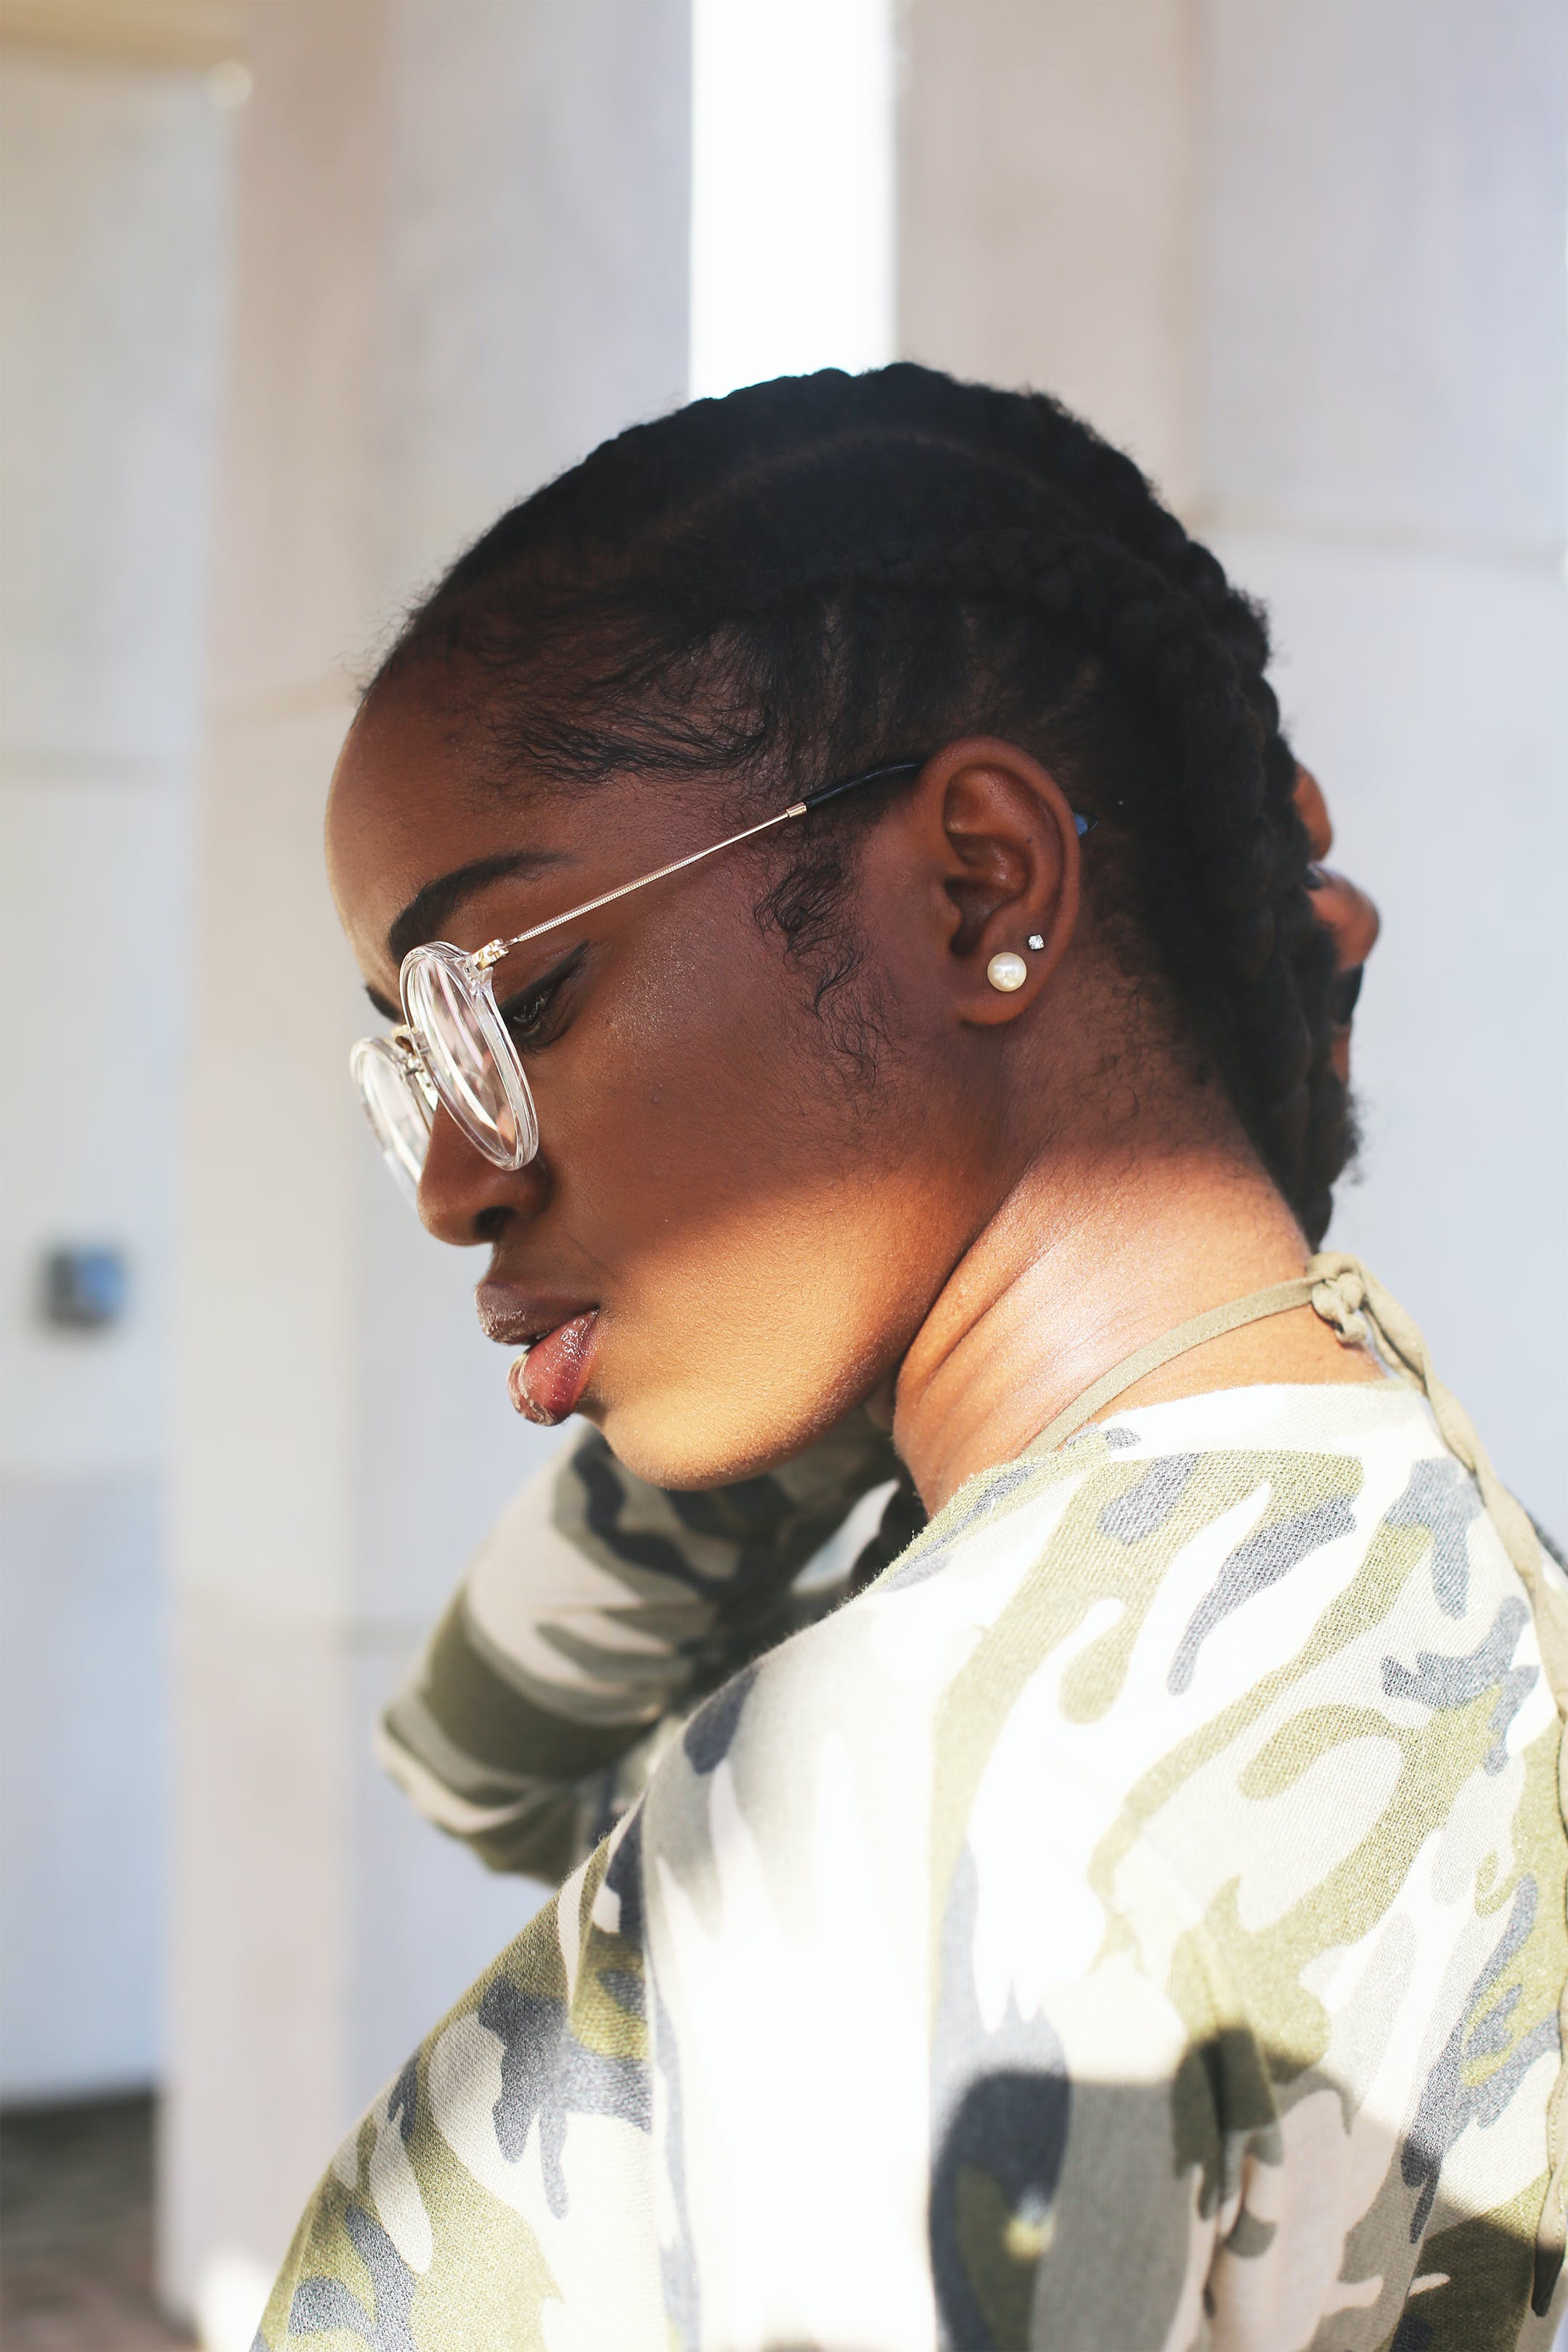 귀걸이, 땋다, 매력적인, 모델의 무료 스톡 사진